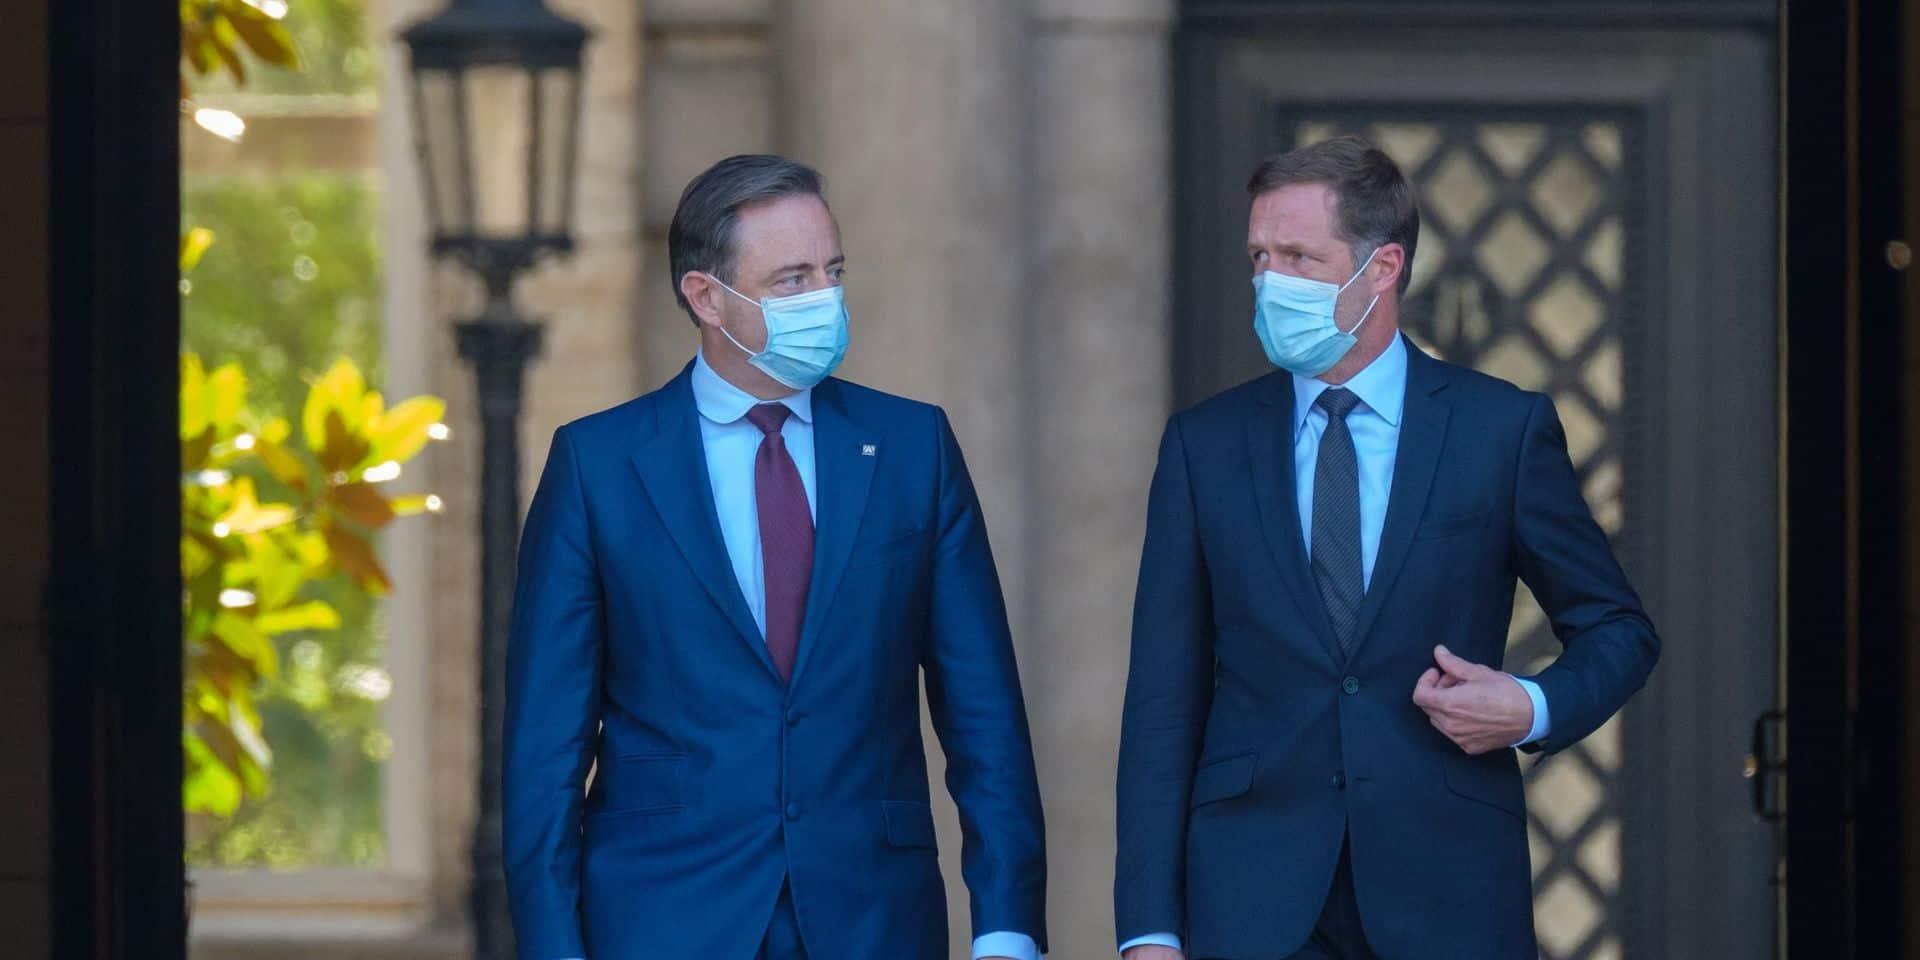 Les libéraux à nouveau à la table du duo Magnette/De Wever, les verts aussi conviés